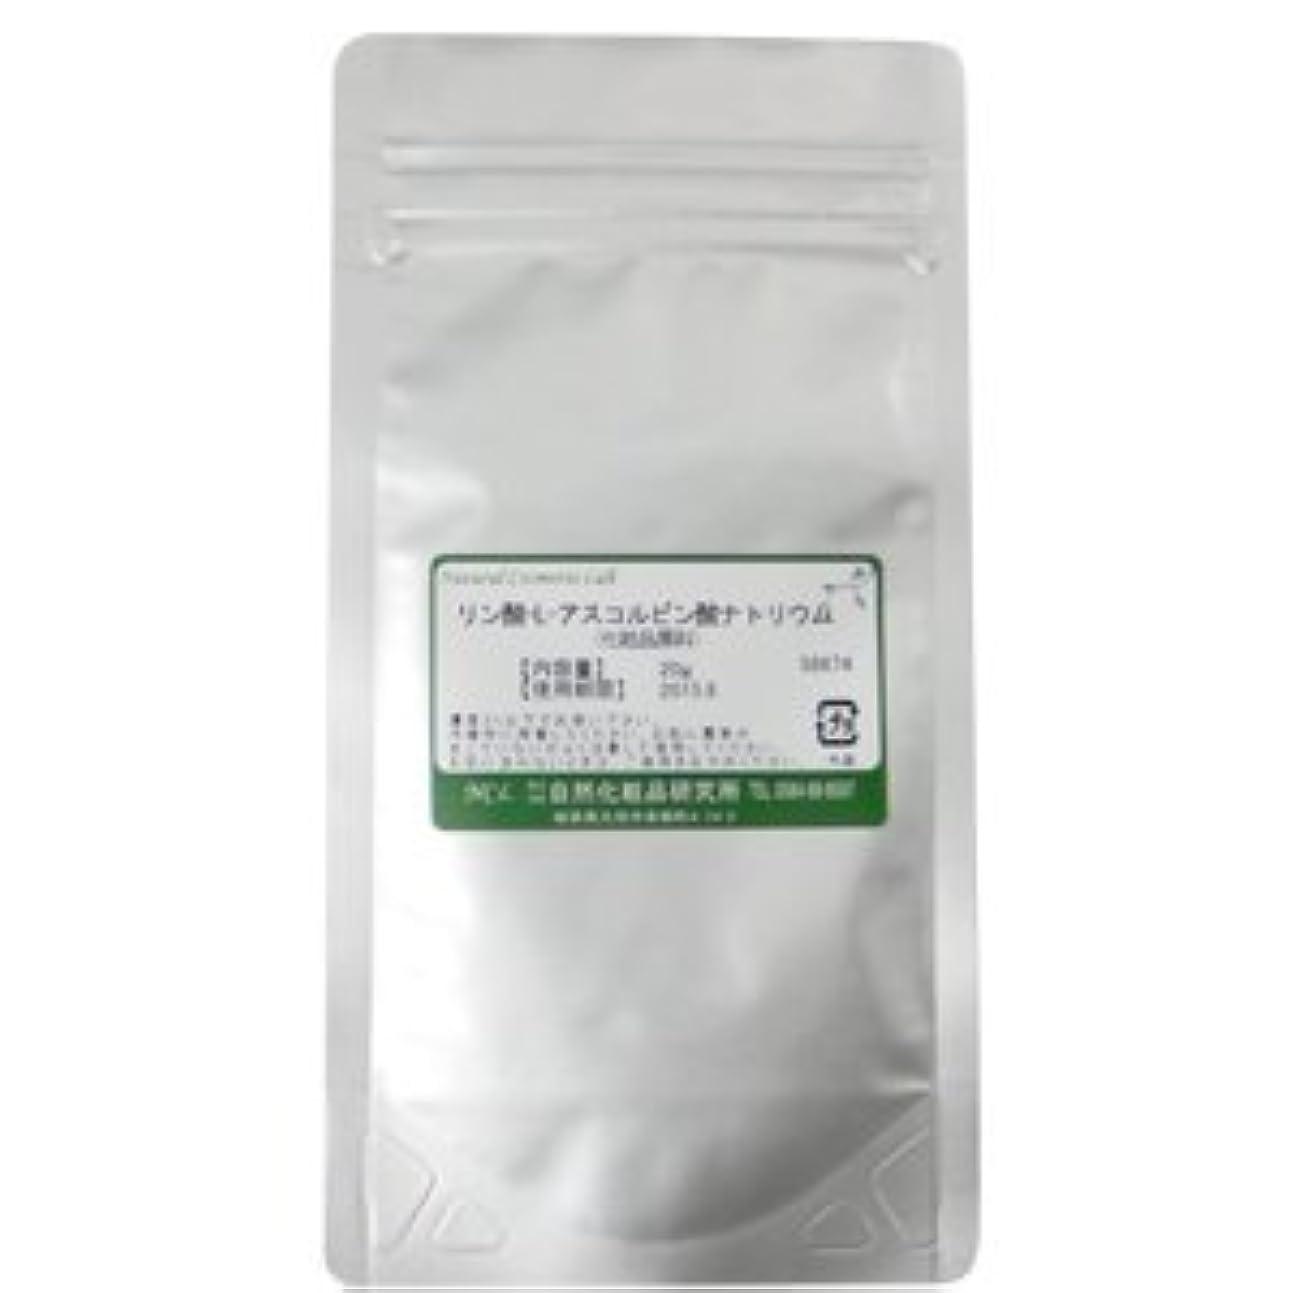 連想コレクションアノイビタミンC誘導体 リン酸-L-アスコルビン酸ナトリウム 化粧品原料 20g